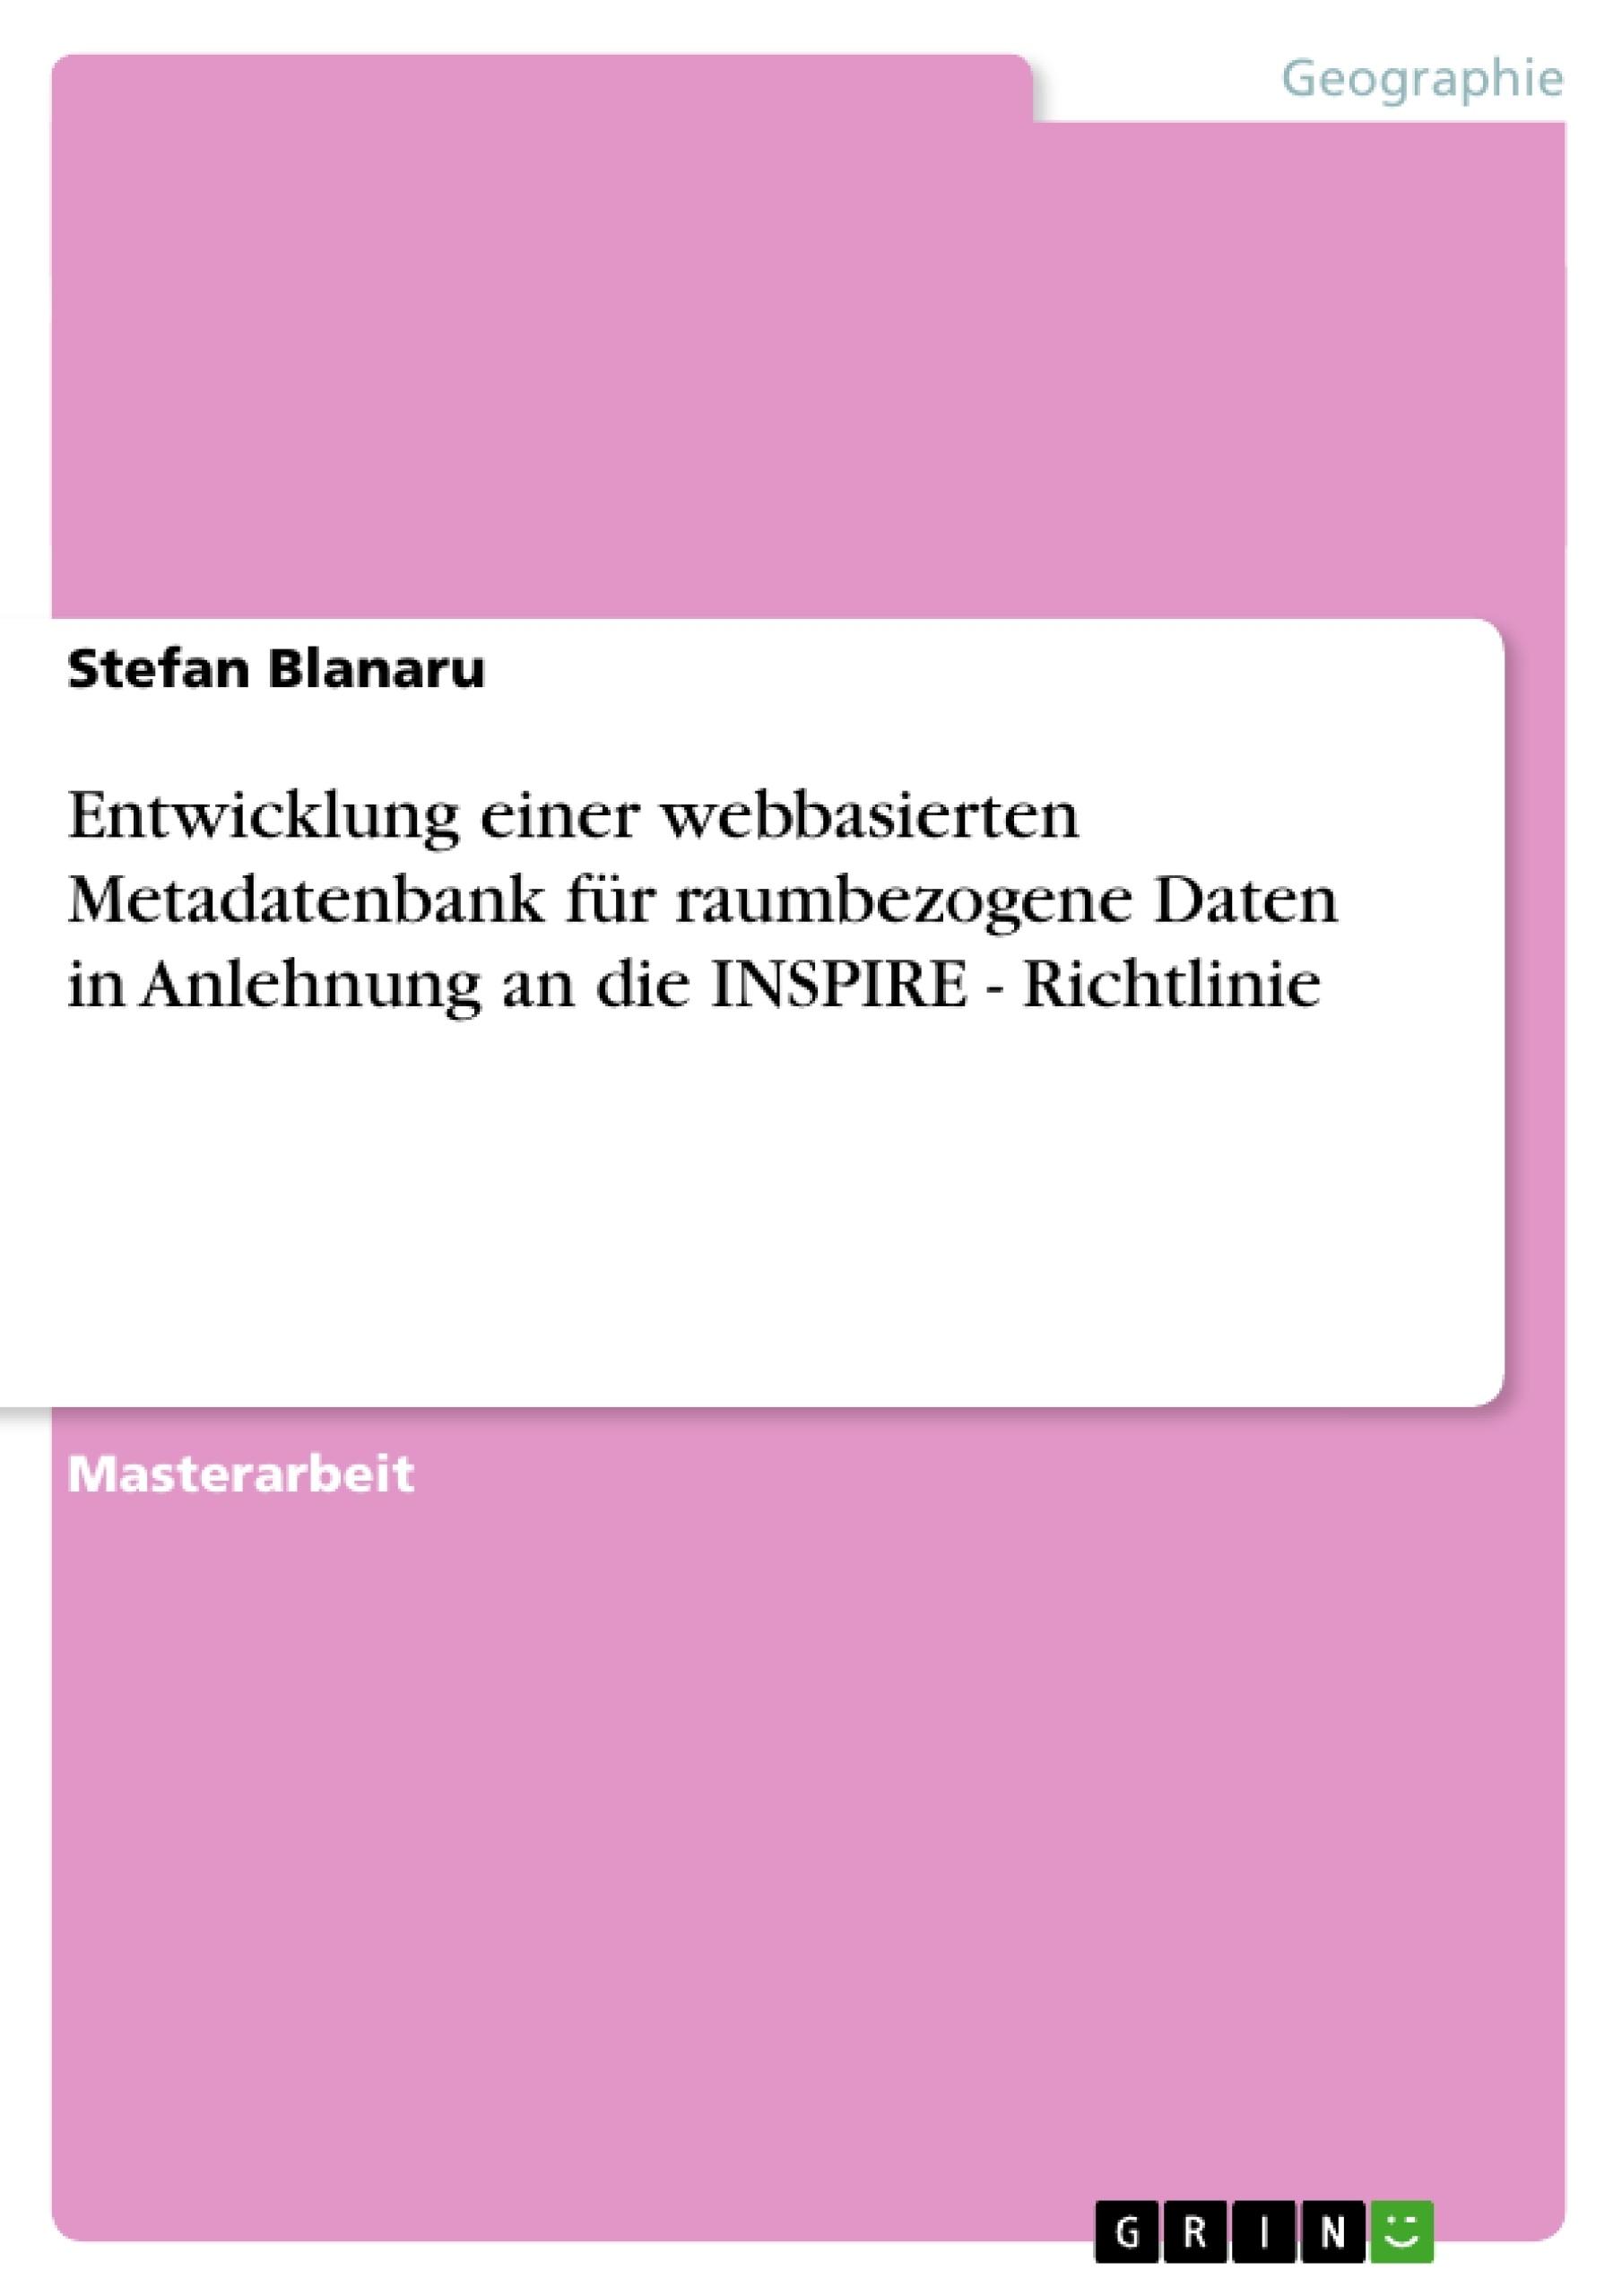 Titel: Entwicklung einer webbasierten Metadatenbank für raumbezogene Daten in Anlehnung an die INSPIRE - Richtlinie